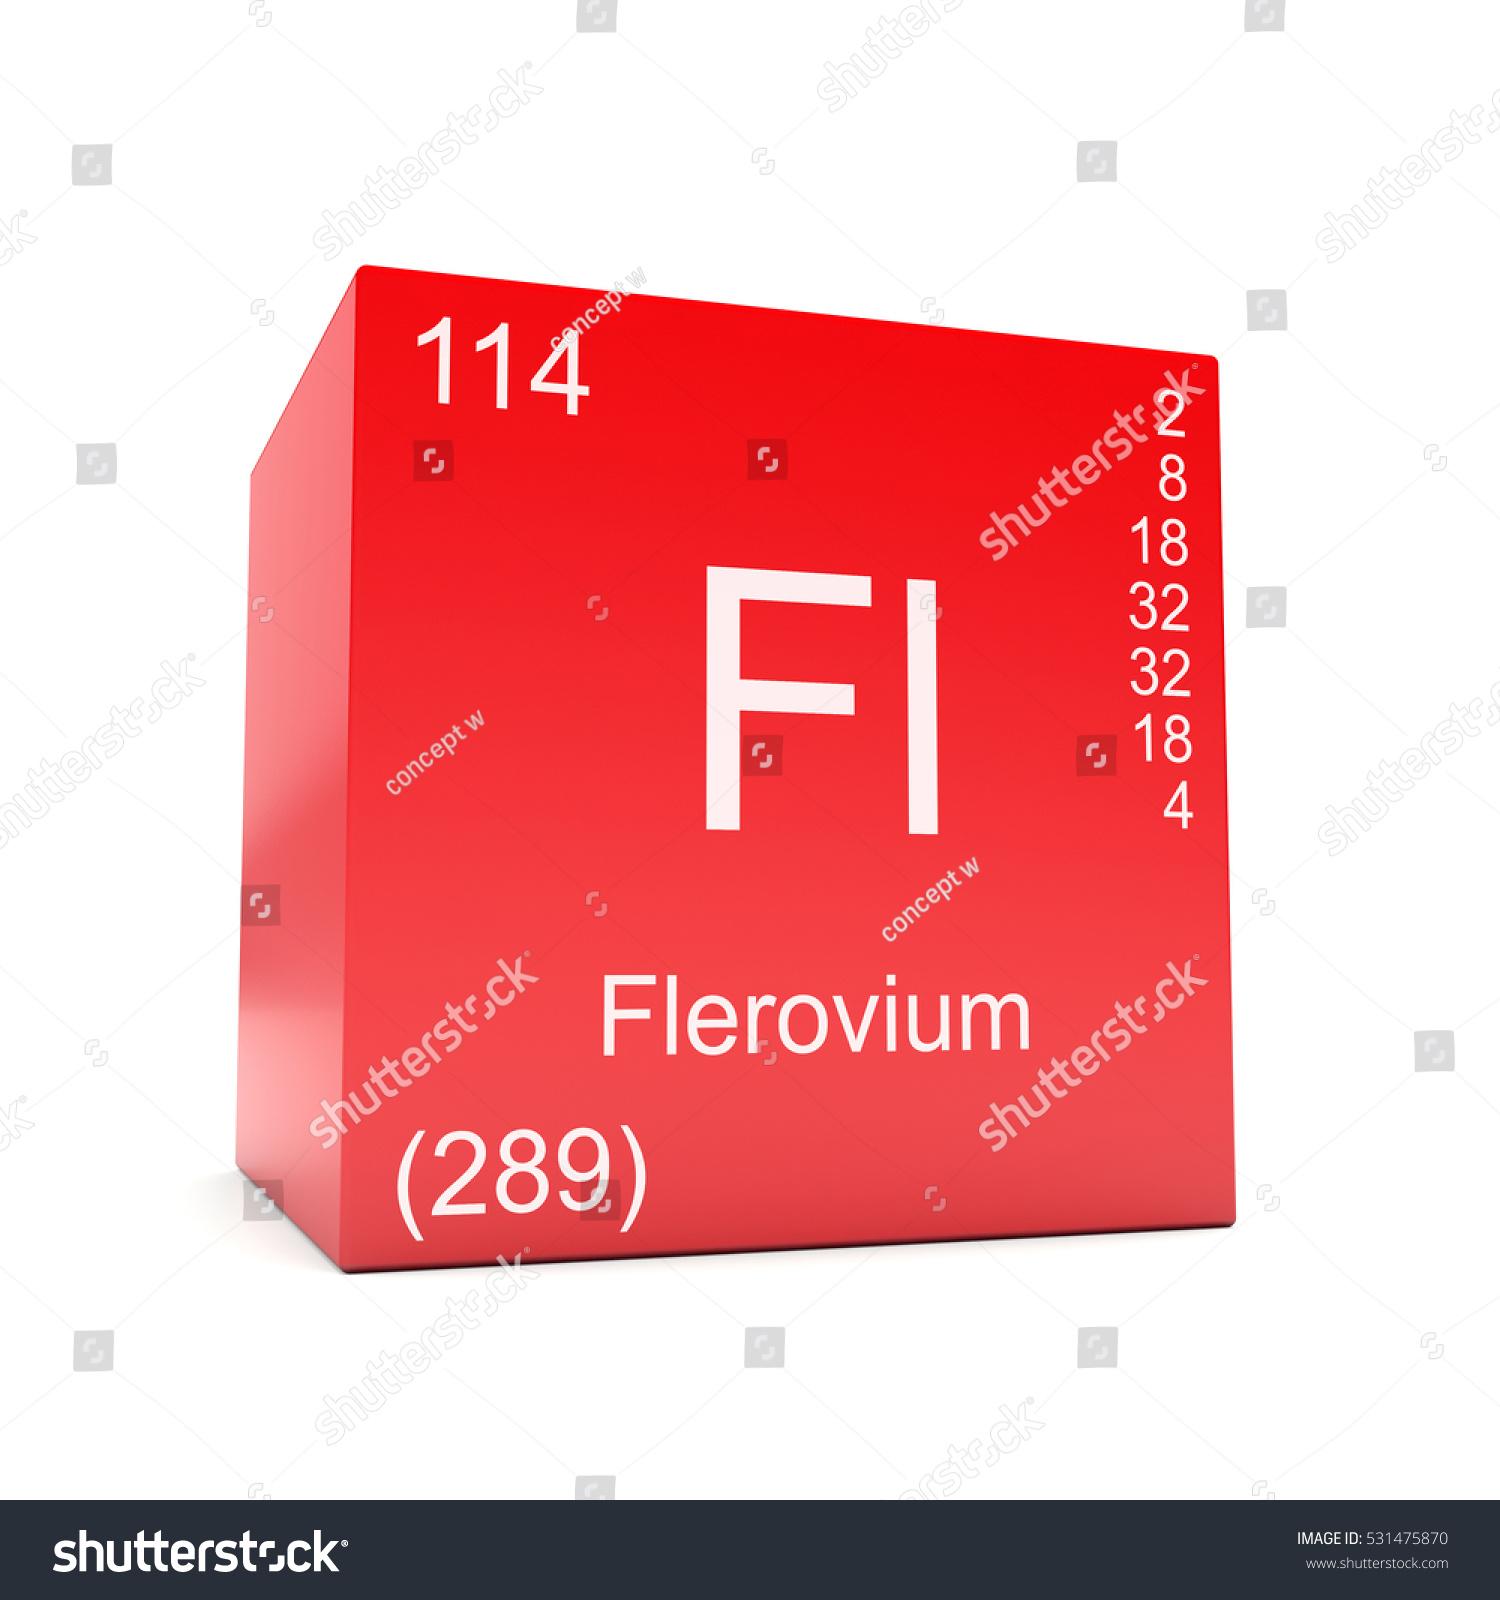 Periodic table 114 choice image periodic table images flerovium element flerovium fl element 114 menu0027s tshirt l flerovium element flerovium chemical element symbol from gamestrikefo Images